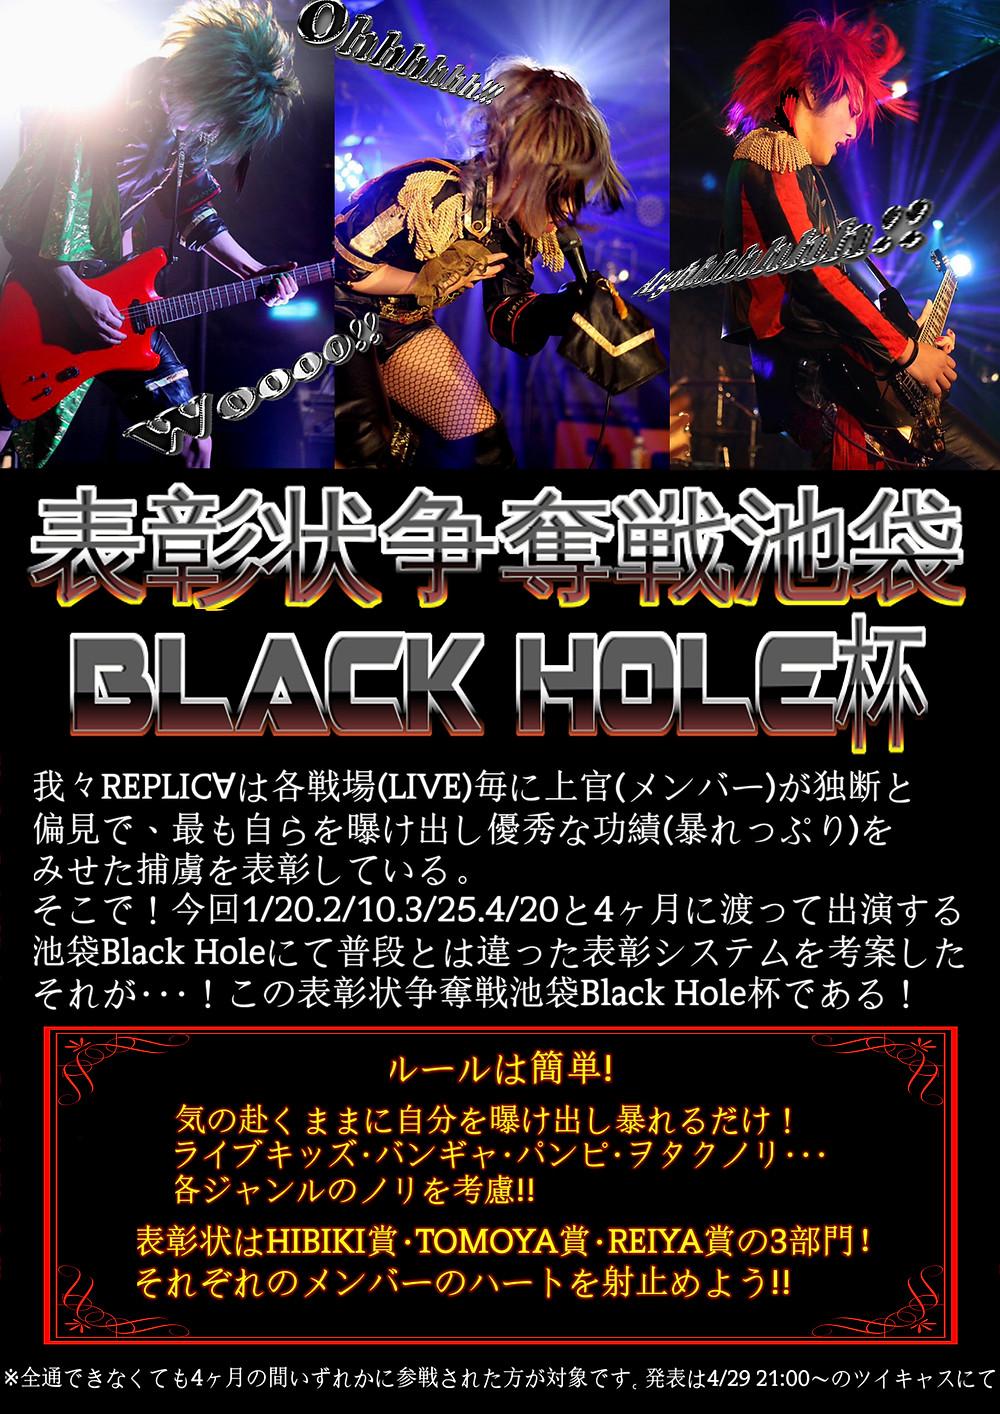 池袋Black hole